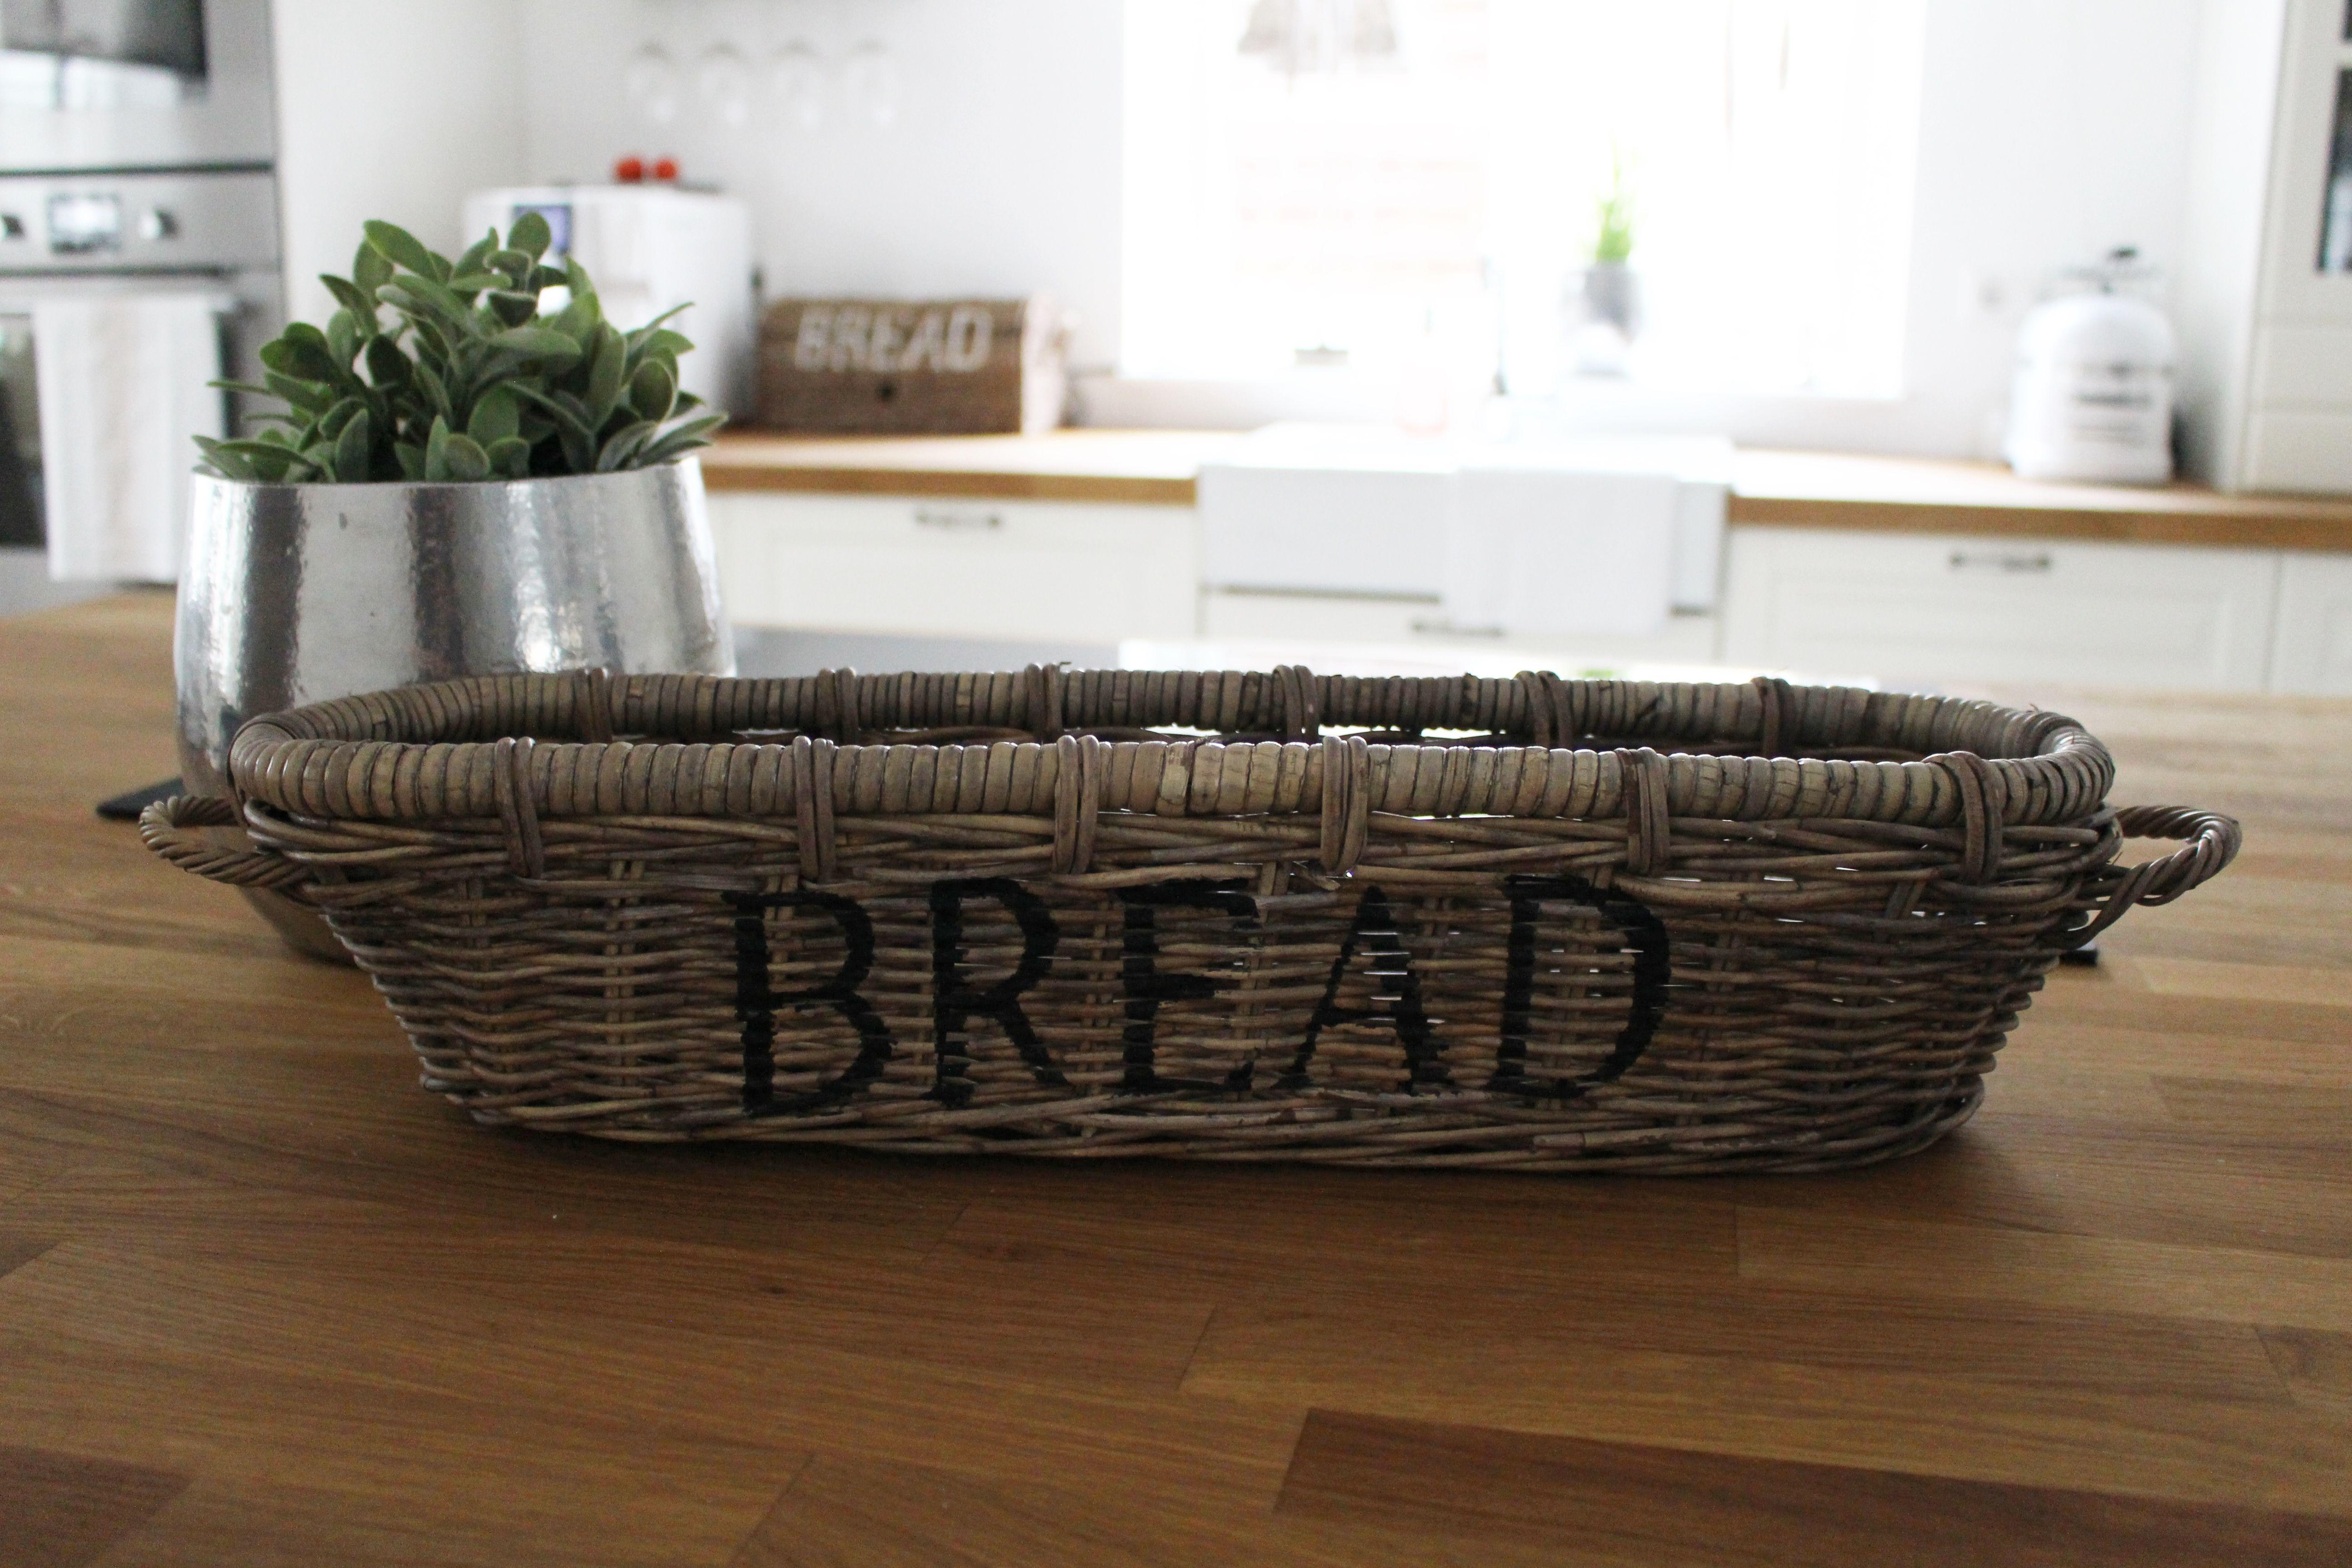 viele sch ne rattan sachen bekommen sie bei uns im online shop bread. Black Bedroom Furniture Sets. Home Design Ideas